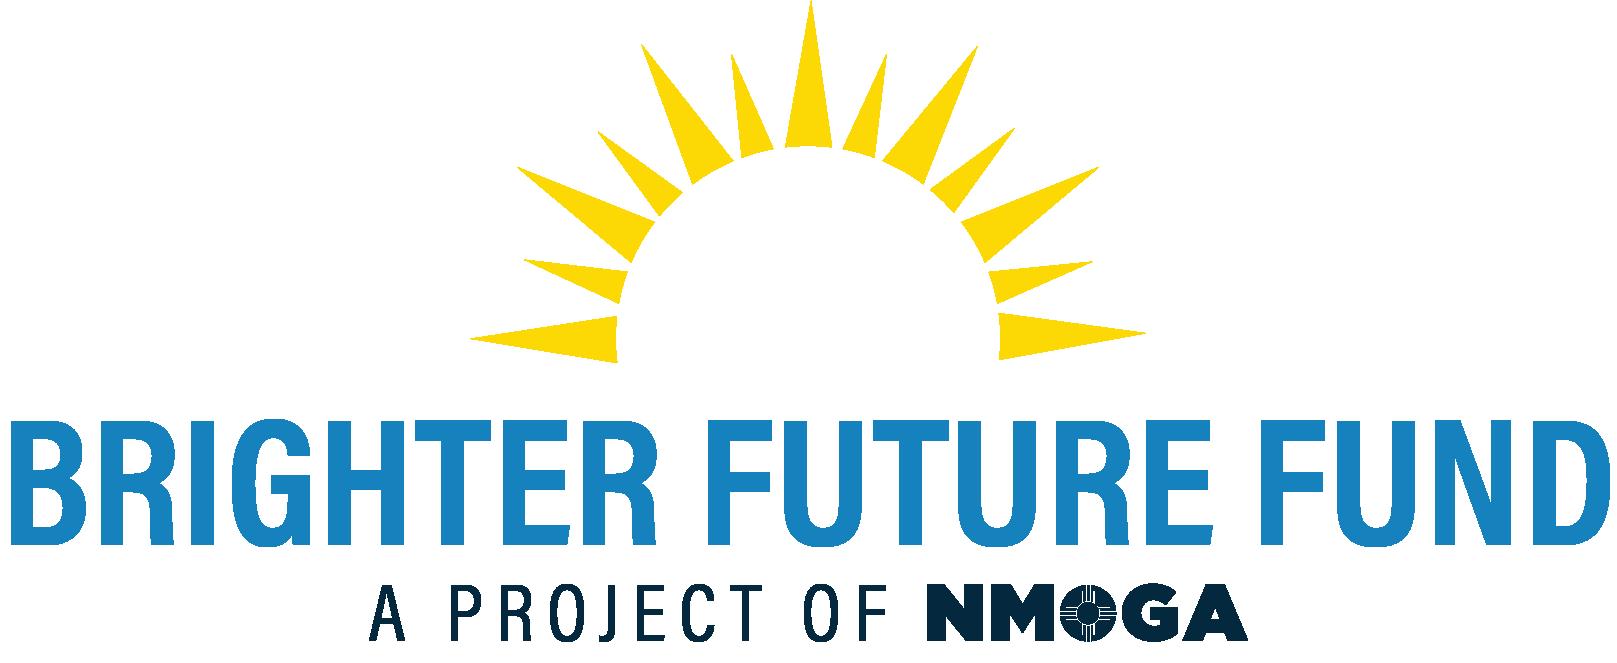 Brighter Future Fund